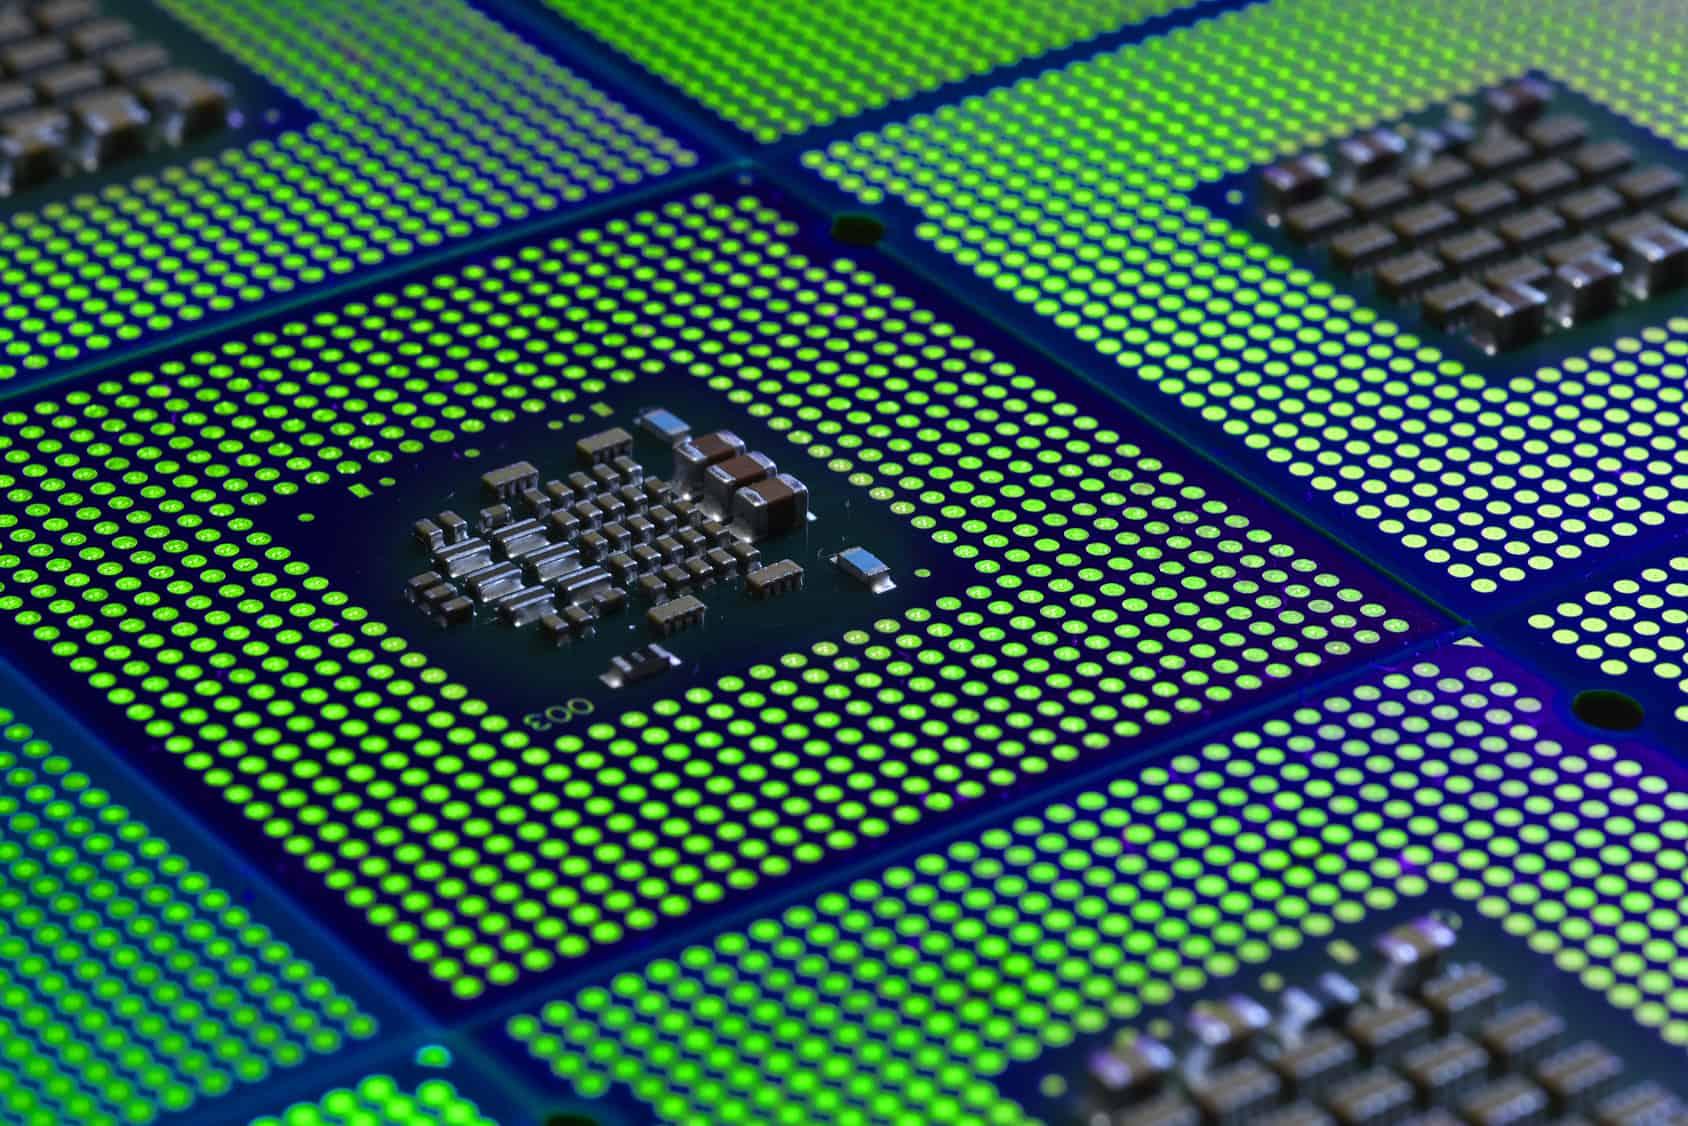 Ayer se conocía que un fallo en el diseño de los procesadores de Intel, presentes en la mayoría de los ordenadores de todo el mundo